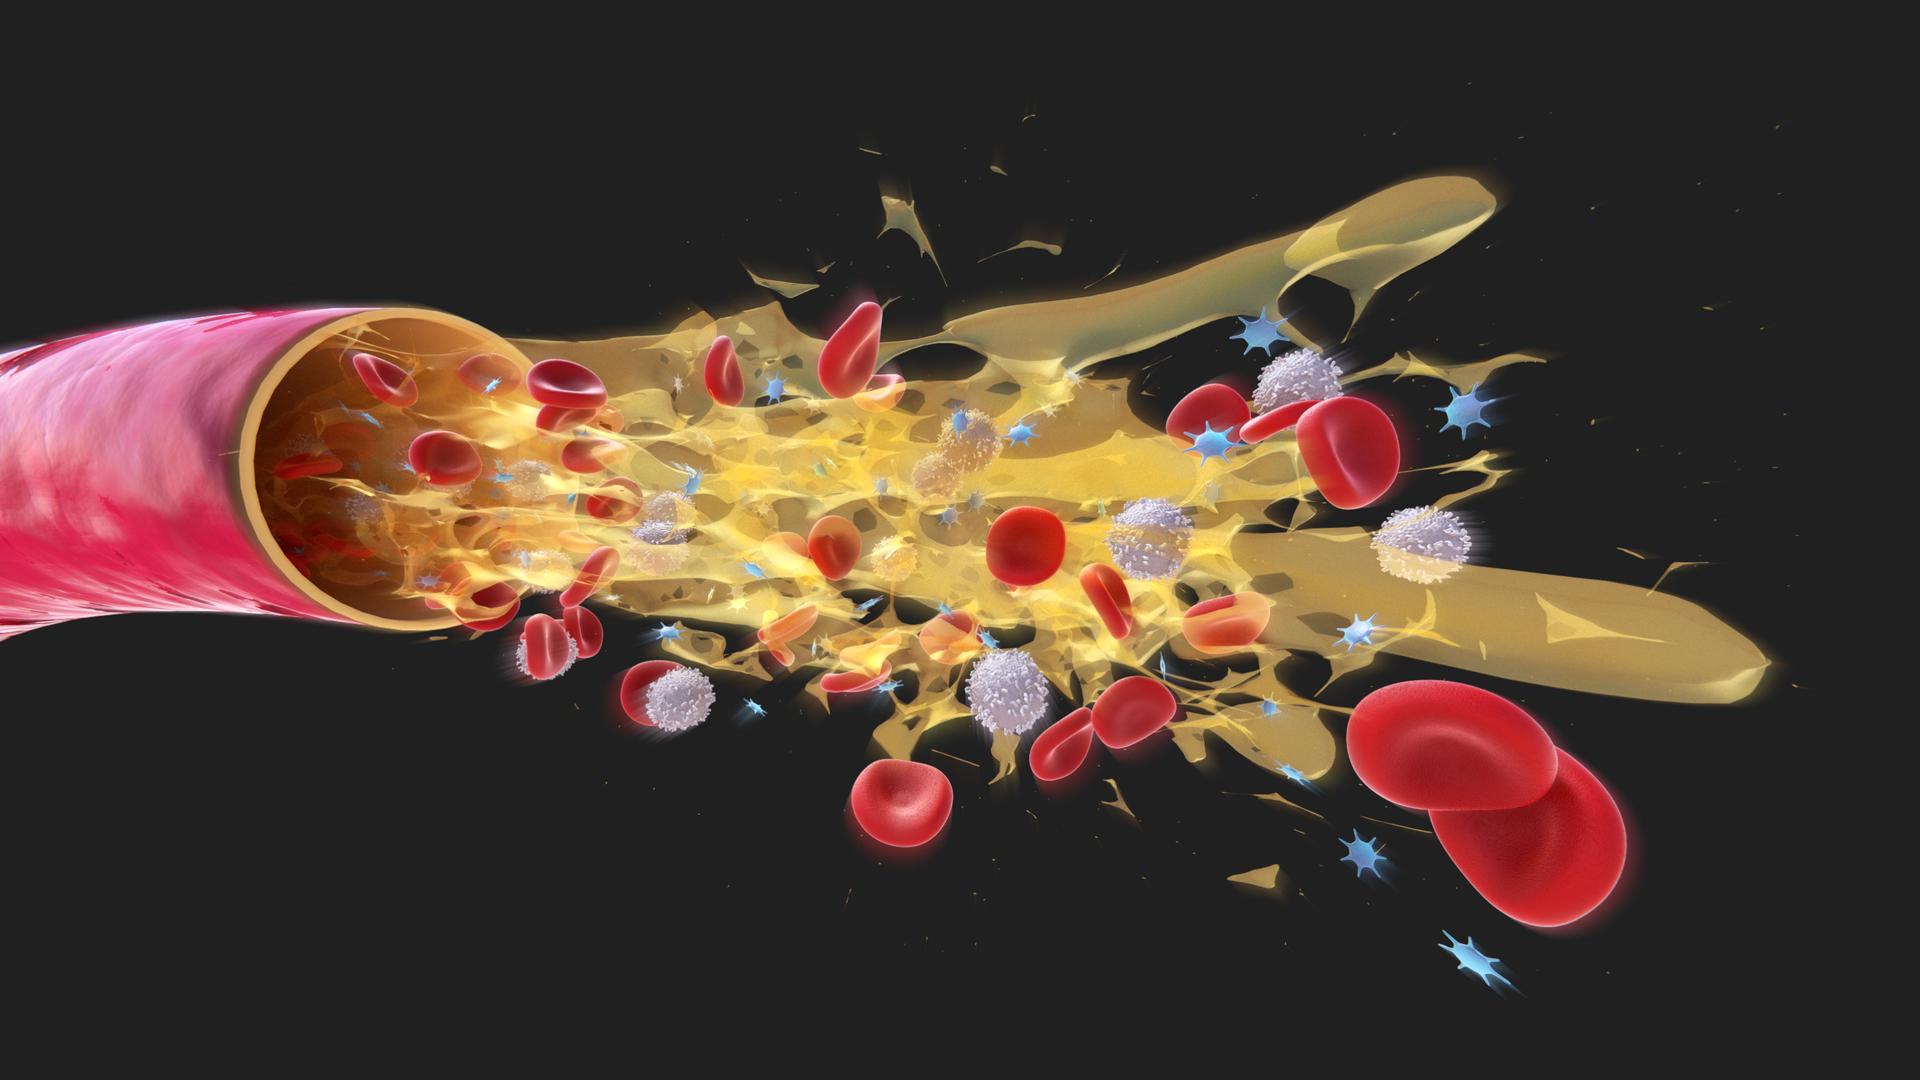 Fotografia przedstawia przecięte naczynie krwionośne , zktórego wylewa się krew. Dzięki właściwości rozpuszczania substancji woda umożliwia funkcję transportową krwi.